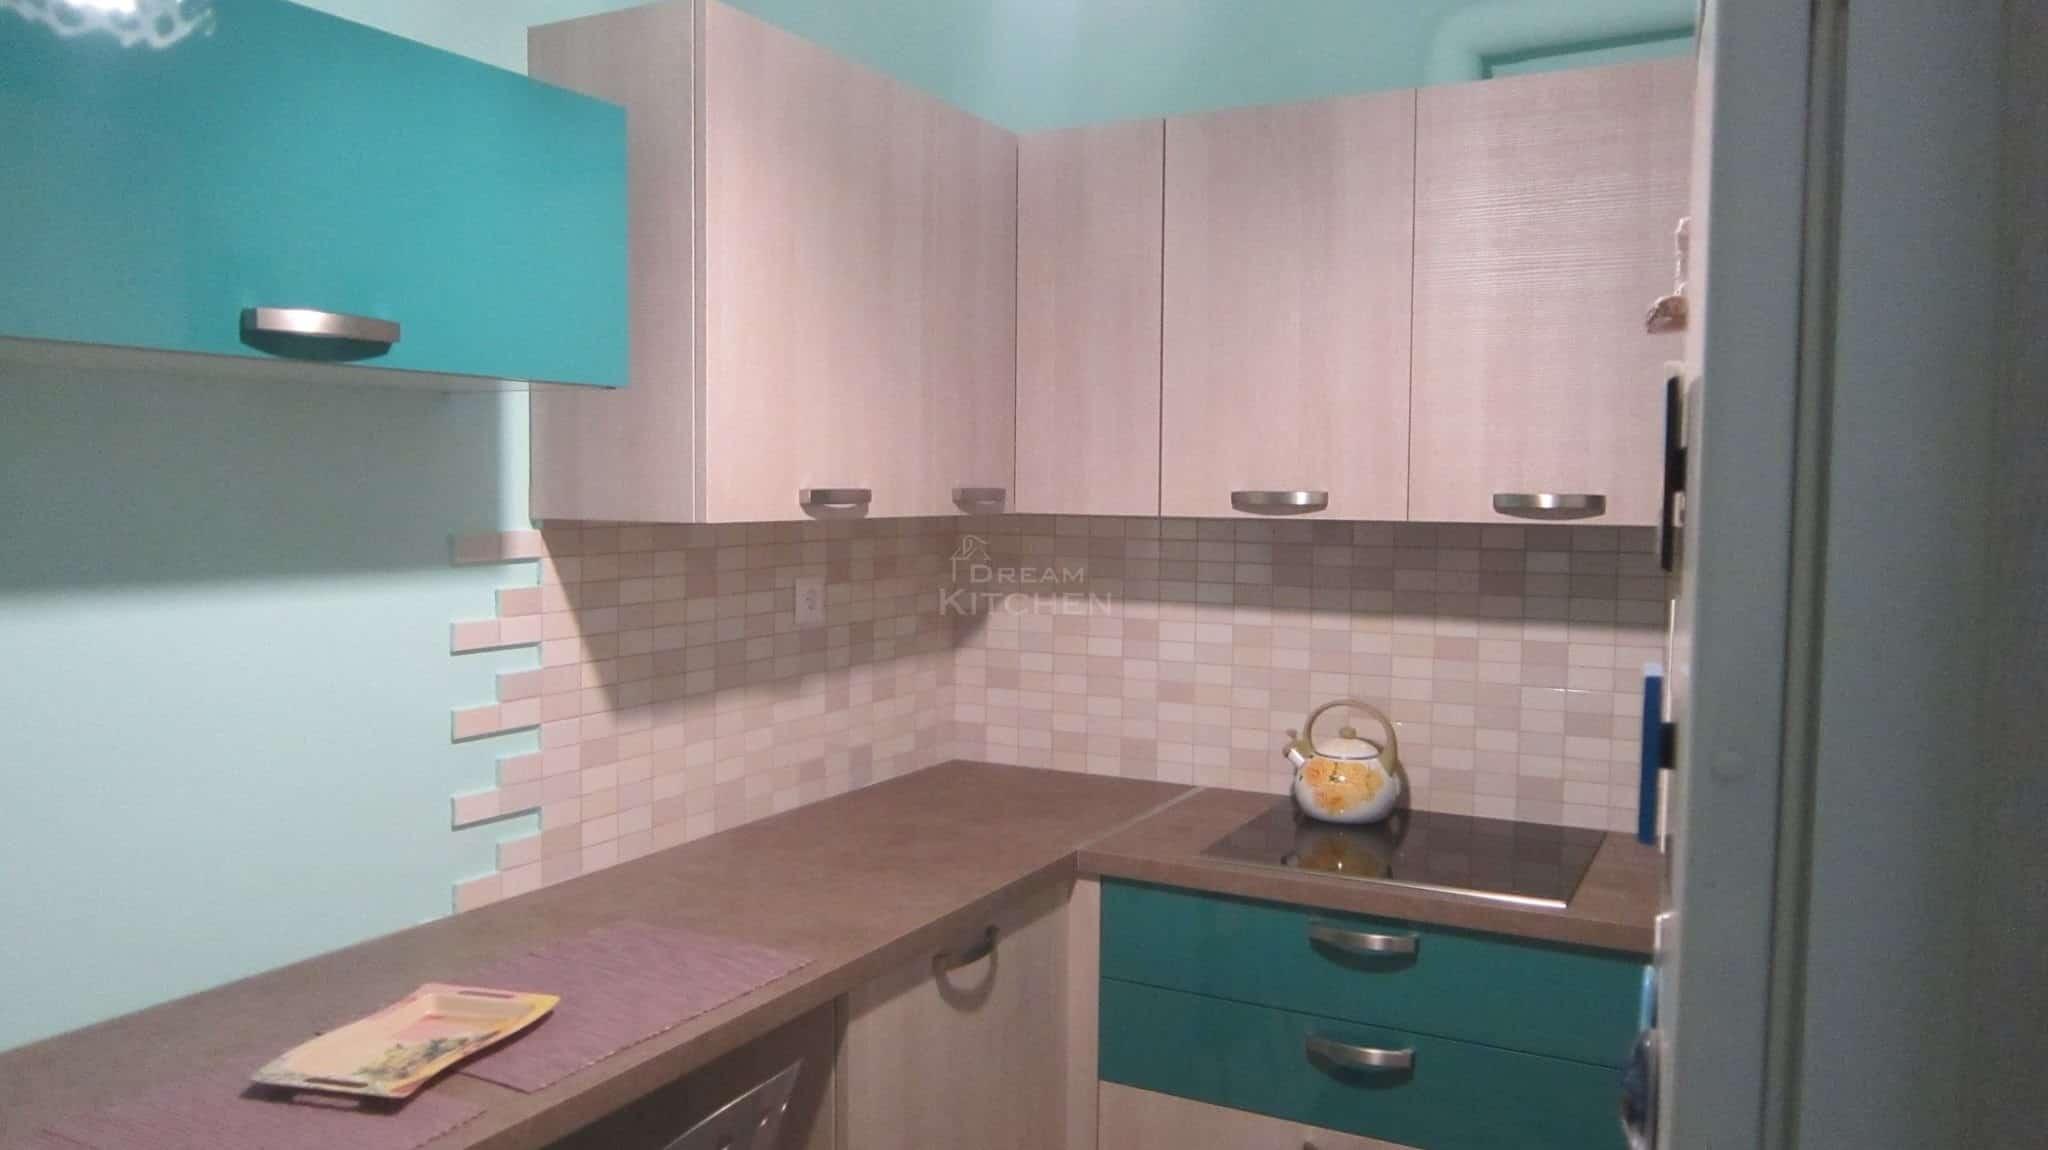 Βακελιτης Επιπλα Κουζινας 1